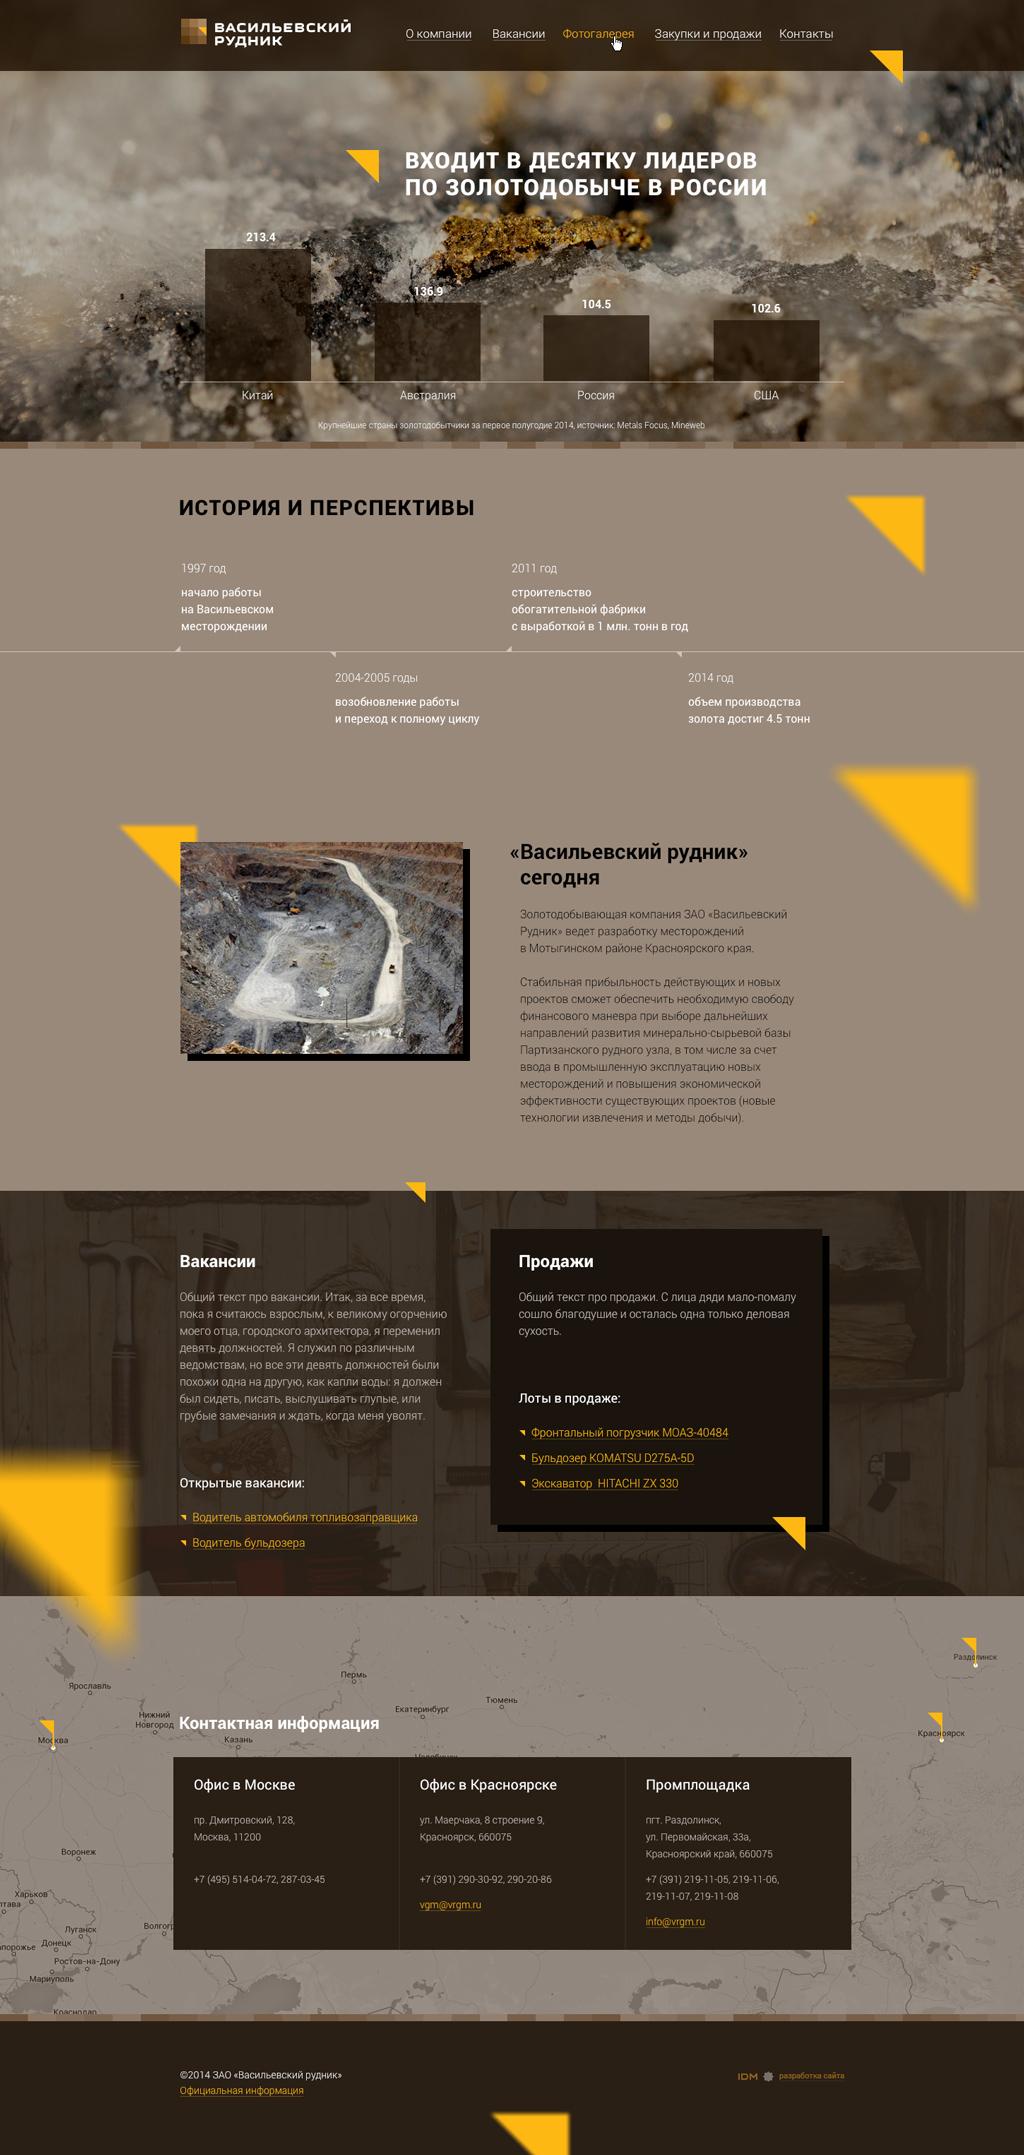 таунхаус адрес зао васильевский рудник в москве более